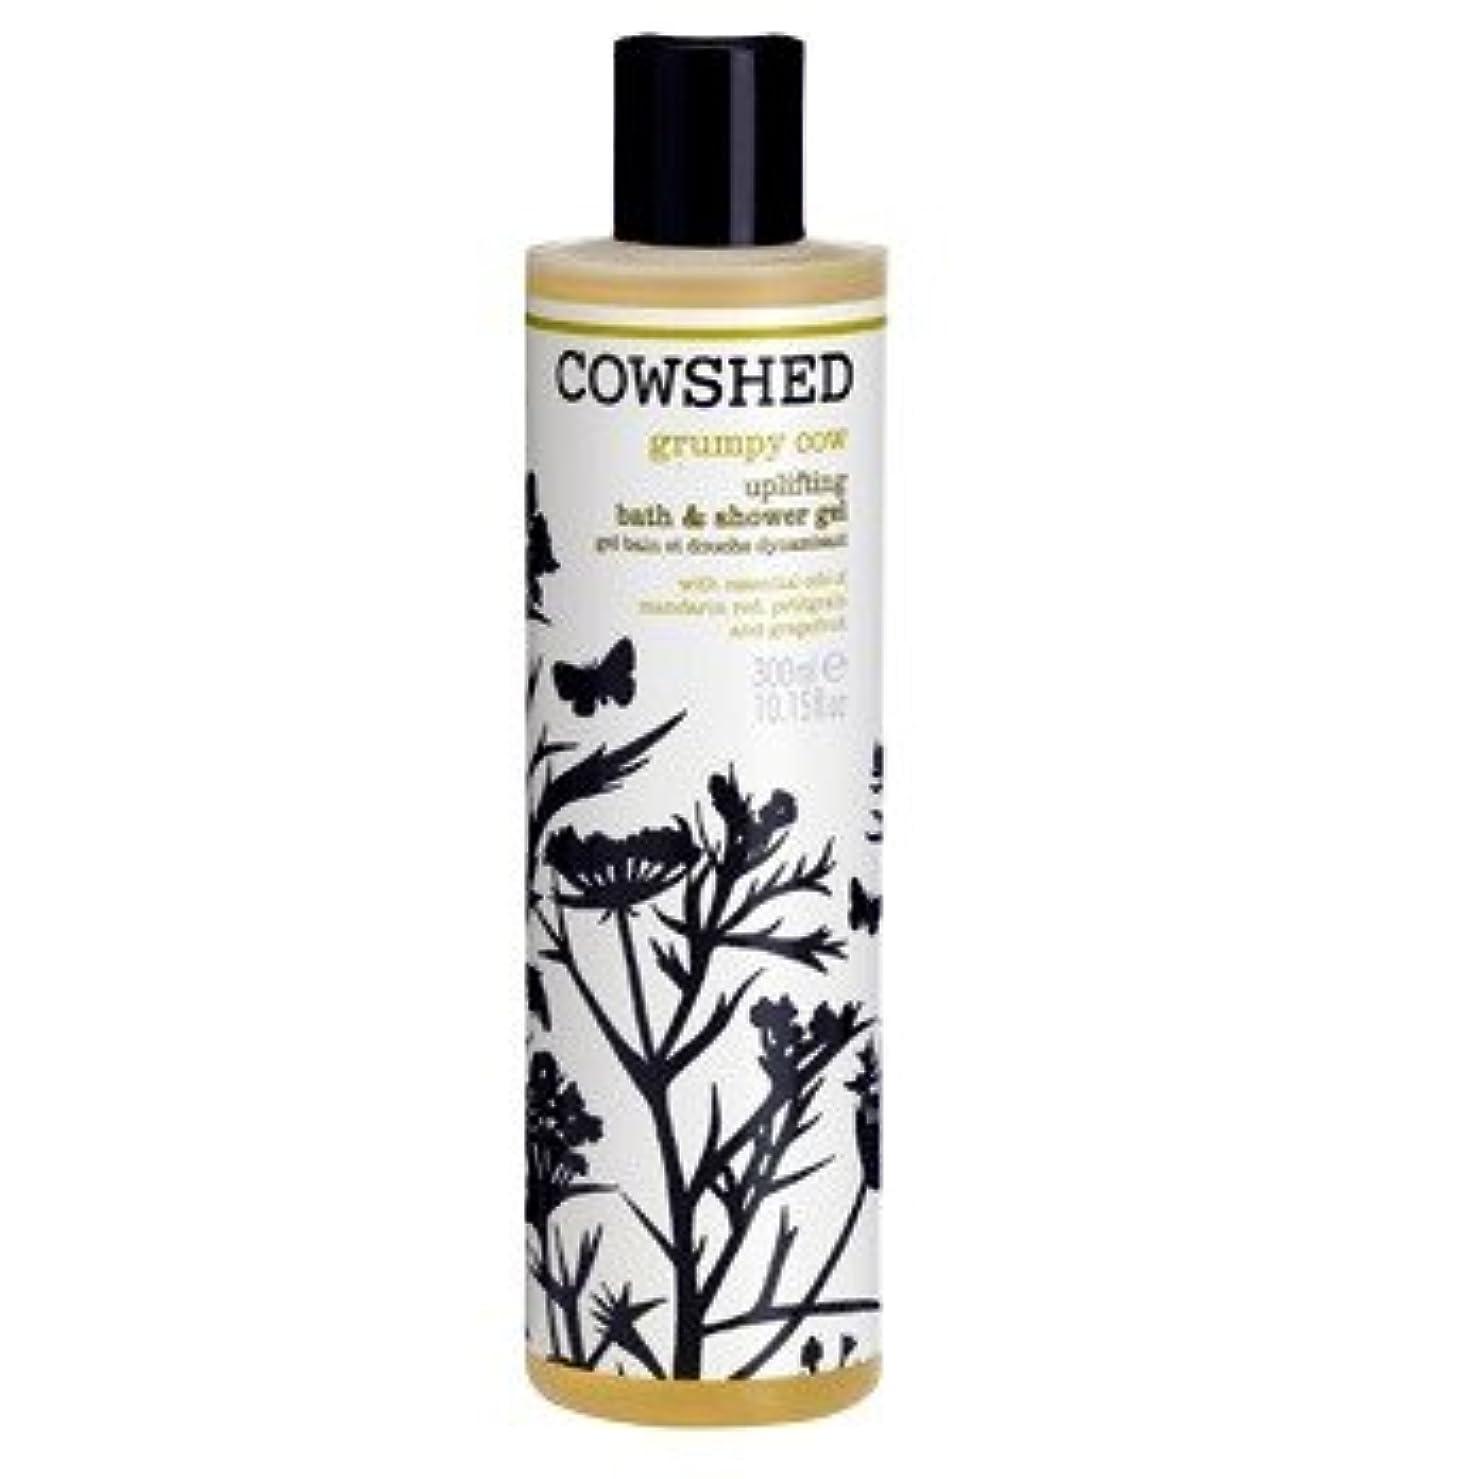 タフ計算する最悪牛舎気難しい牛高揚バス&シャワージェル300ミリリットル (Cowshed) (x2) - Cowshed Grumpy Cow Uplifting Bath & Shower Gel 300ml (Pack of 2)...